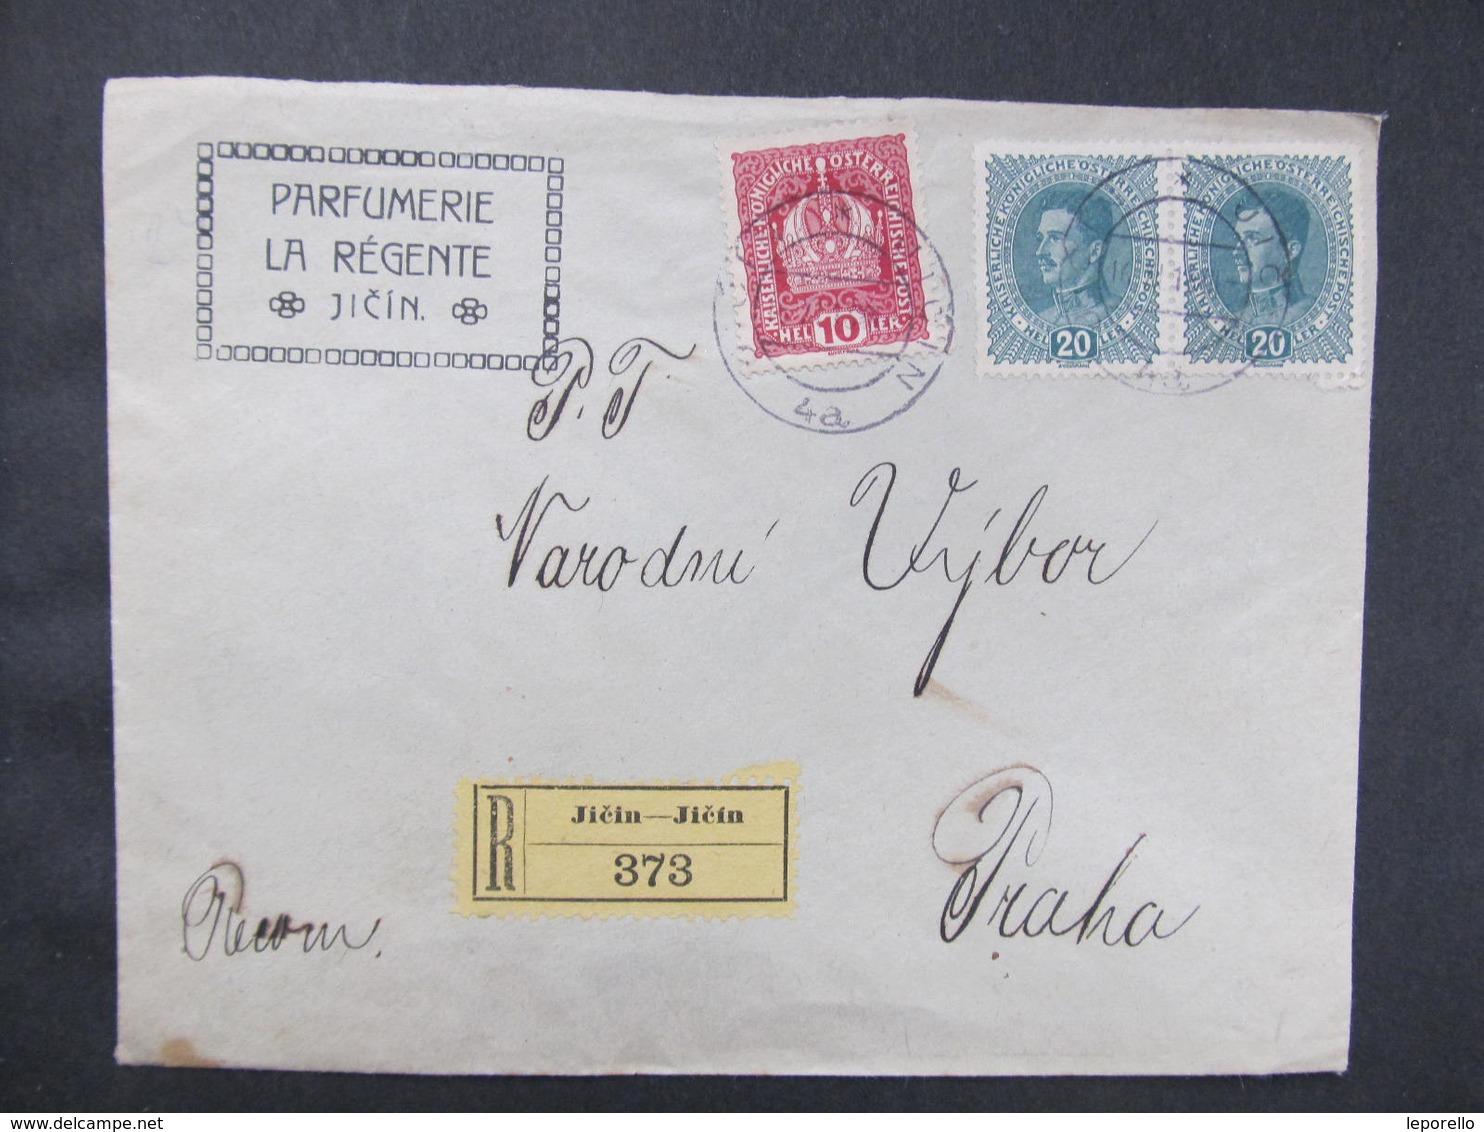 R-BRIEF Jicin - Praha Parfumerie La Regente 16.12.1918 Mitläufer   //  D*36671 - 1850-1918 Imperium